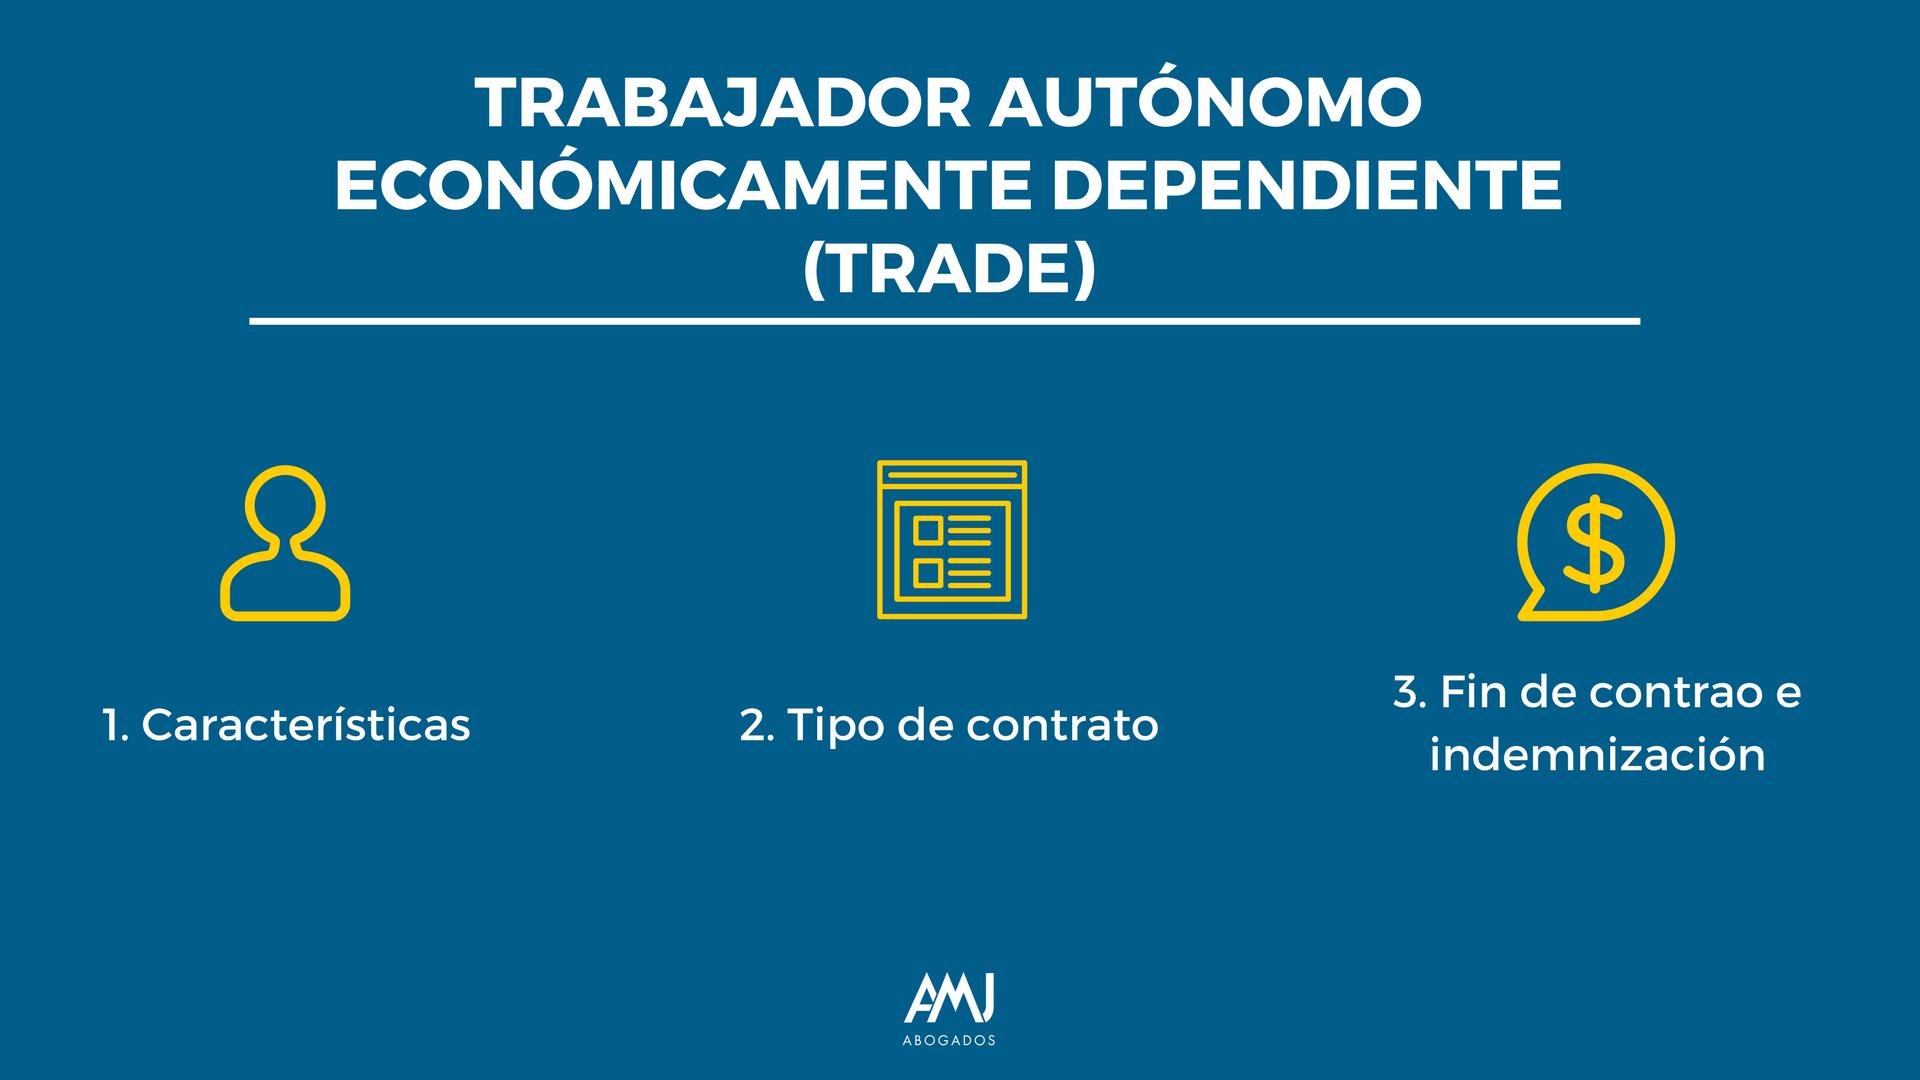 Trabajador autónomo económicamente dependiente (TRADE)